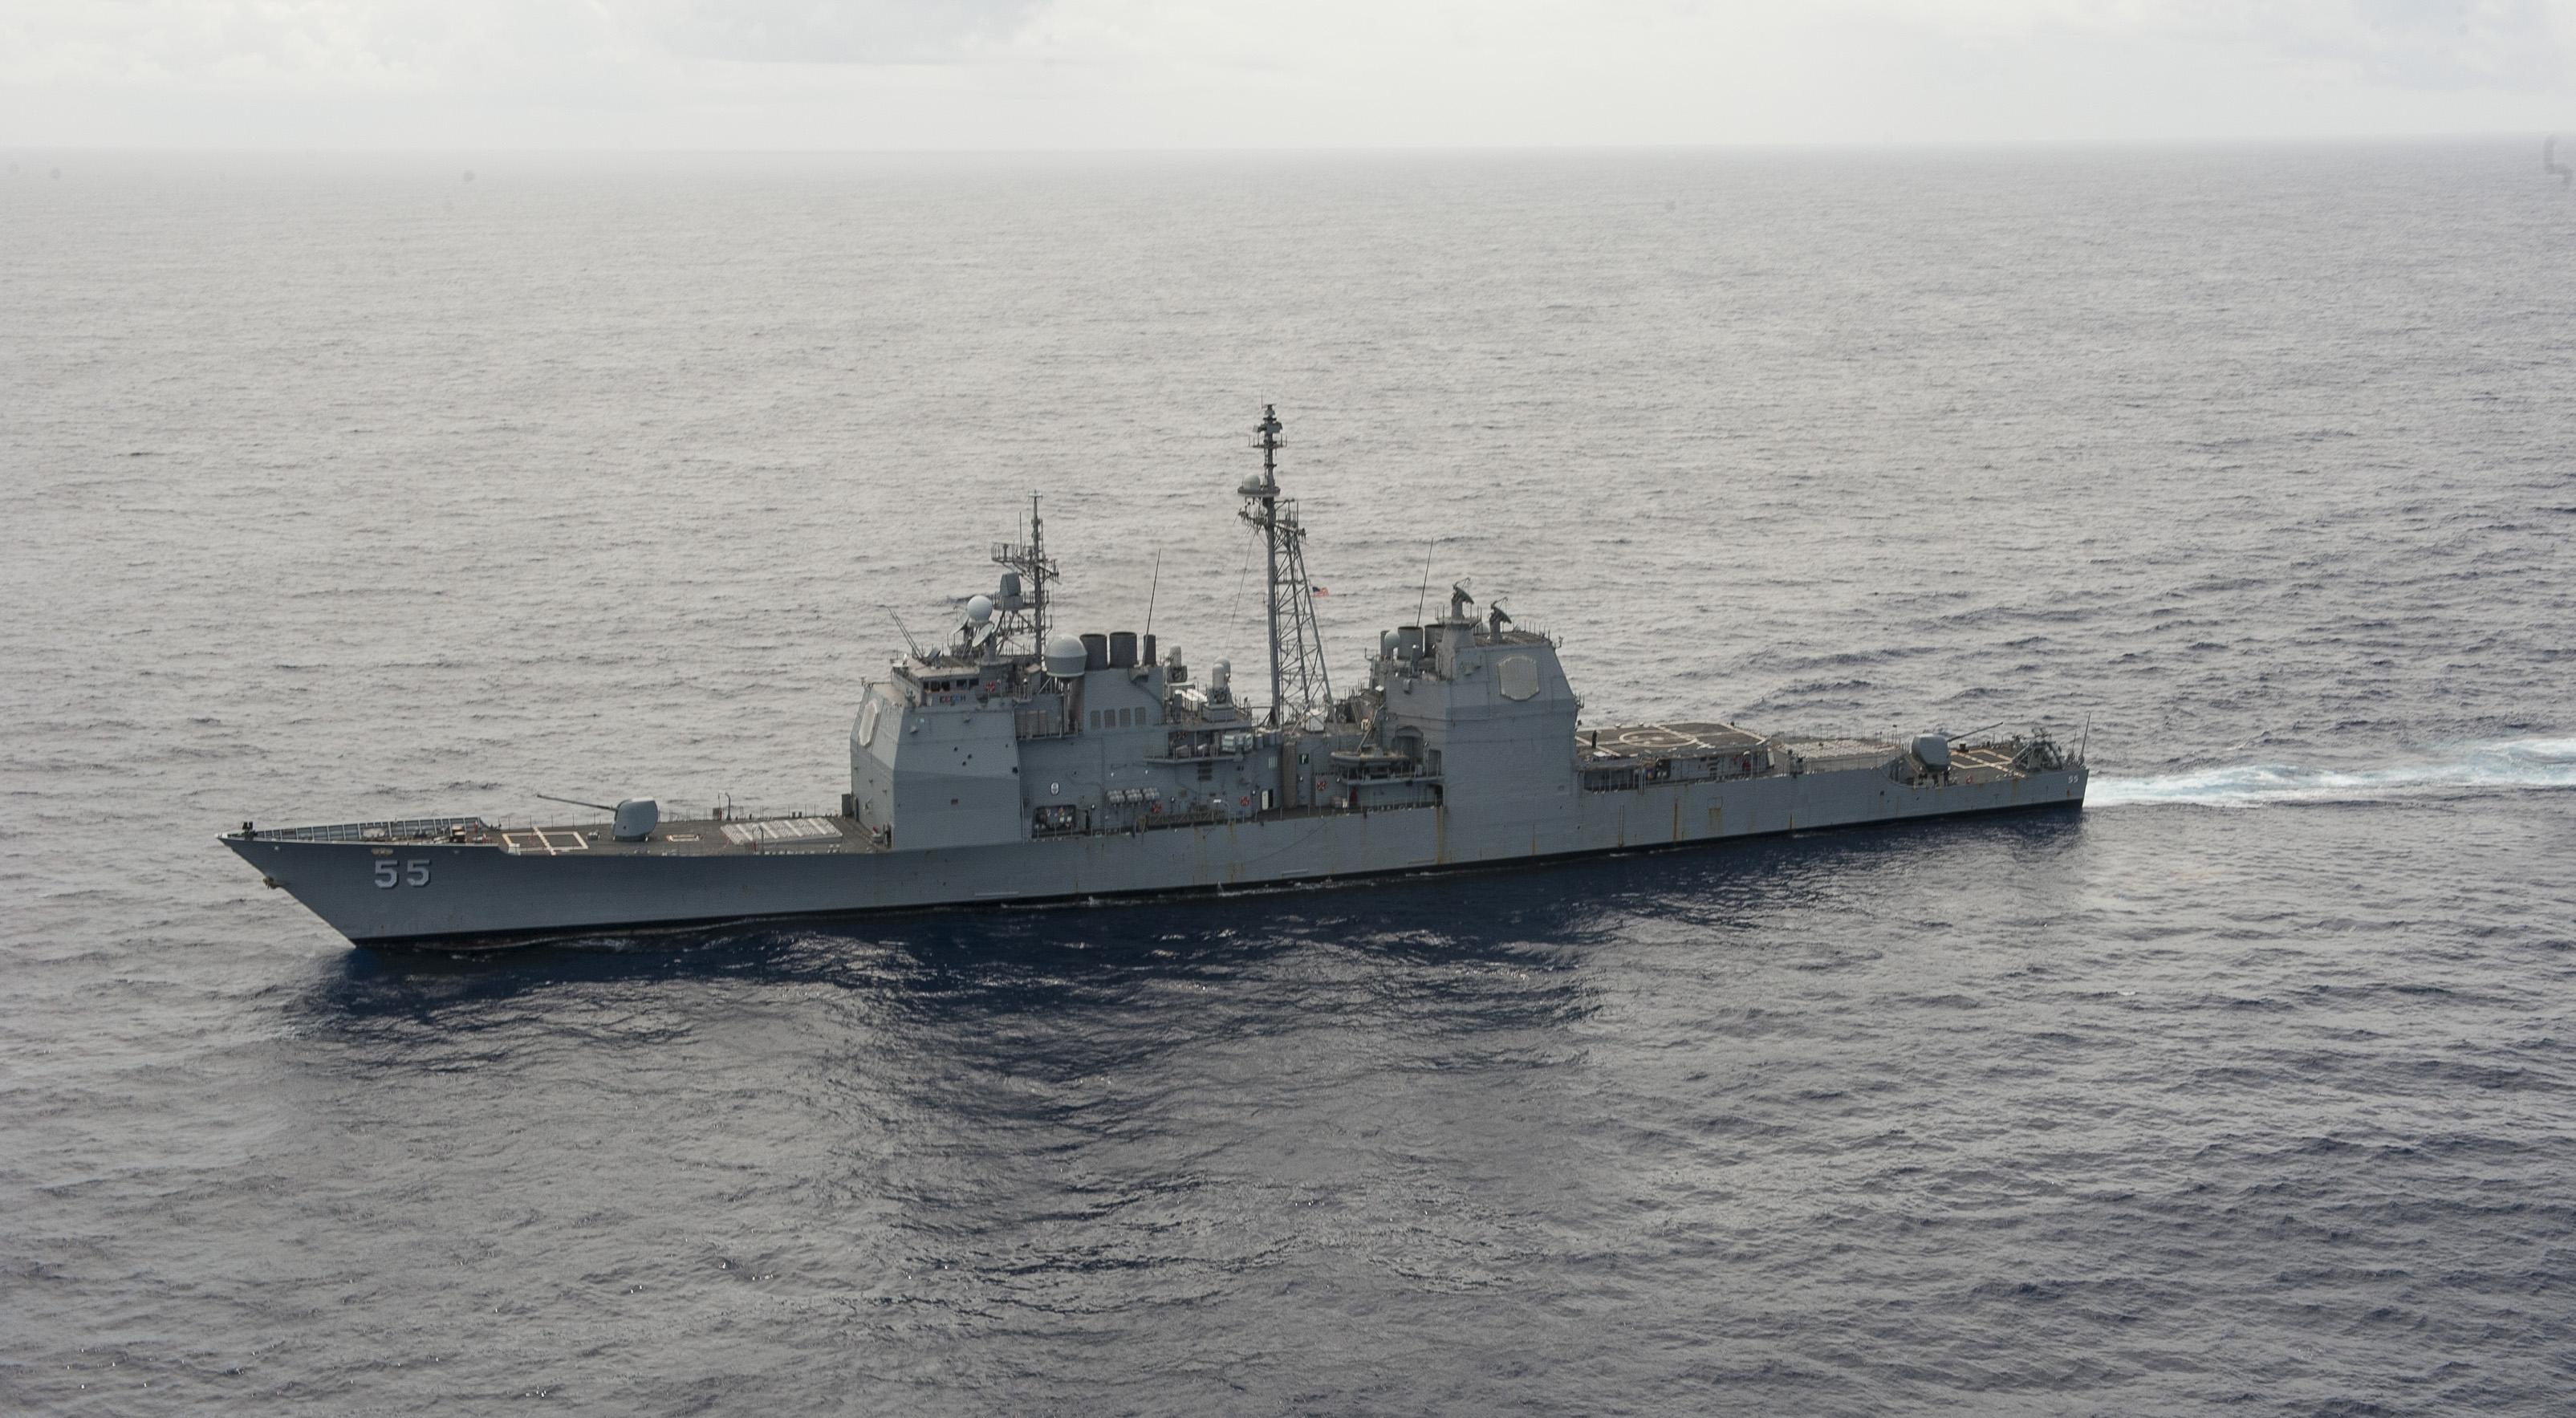 USS LEYTE GULF CG-55 im März 2014 im Atlantik Bild: U.S. Navy